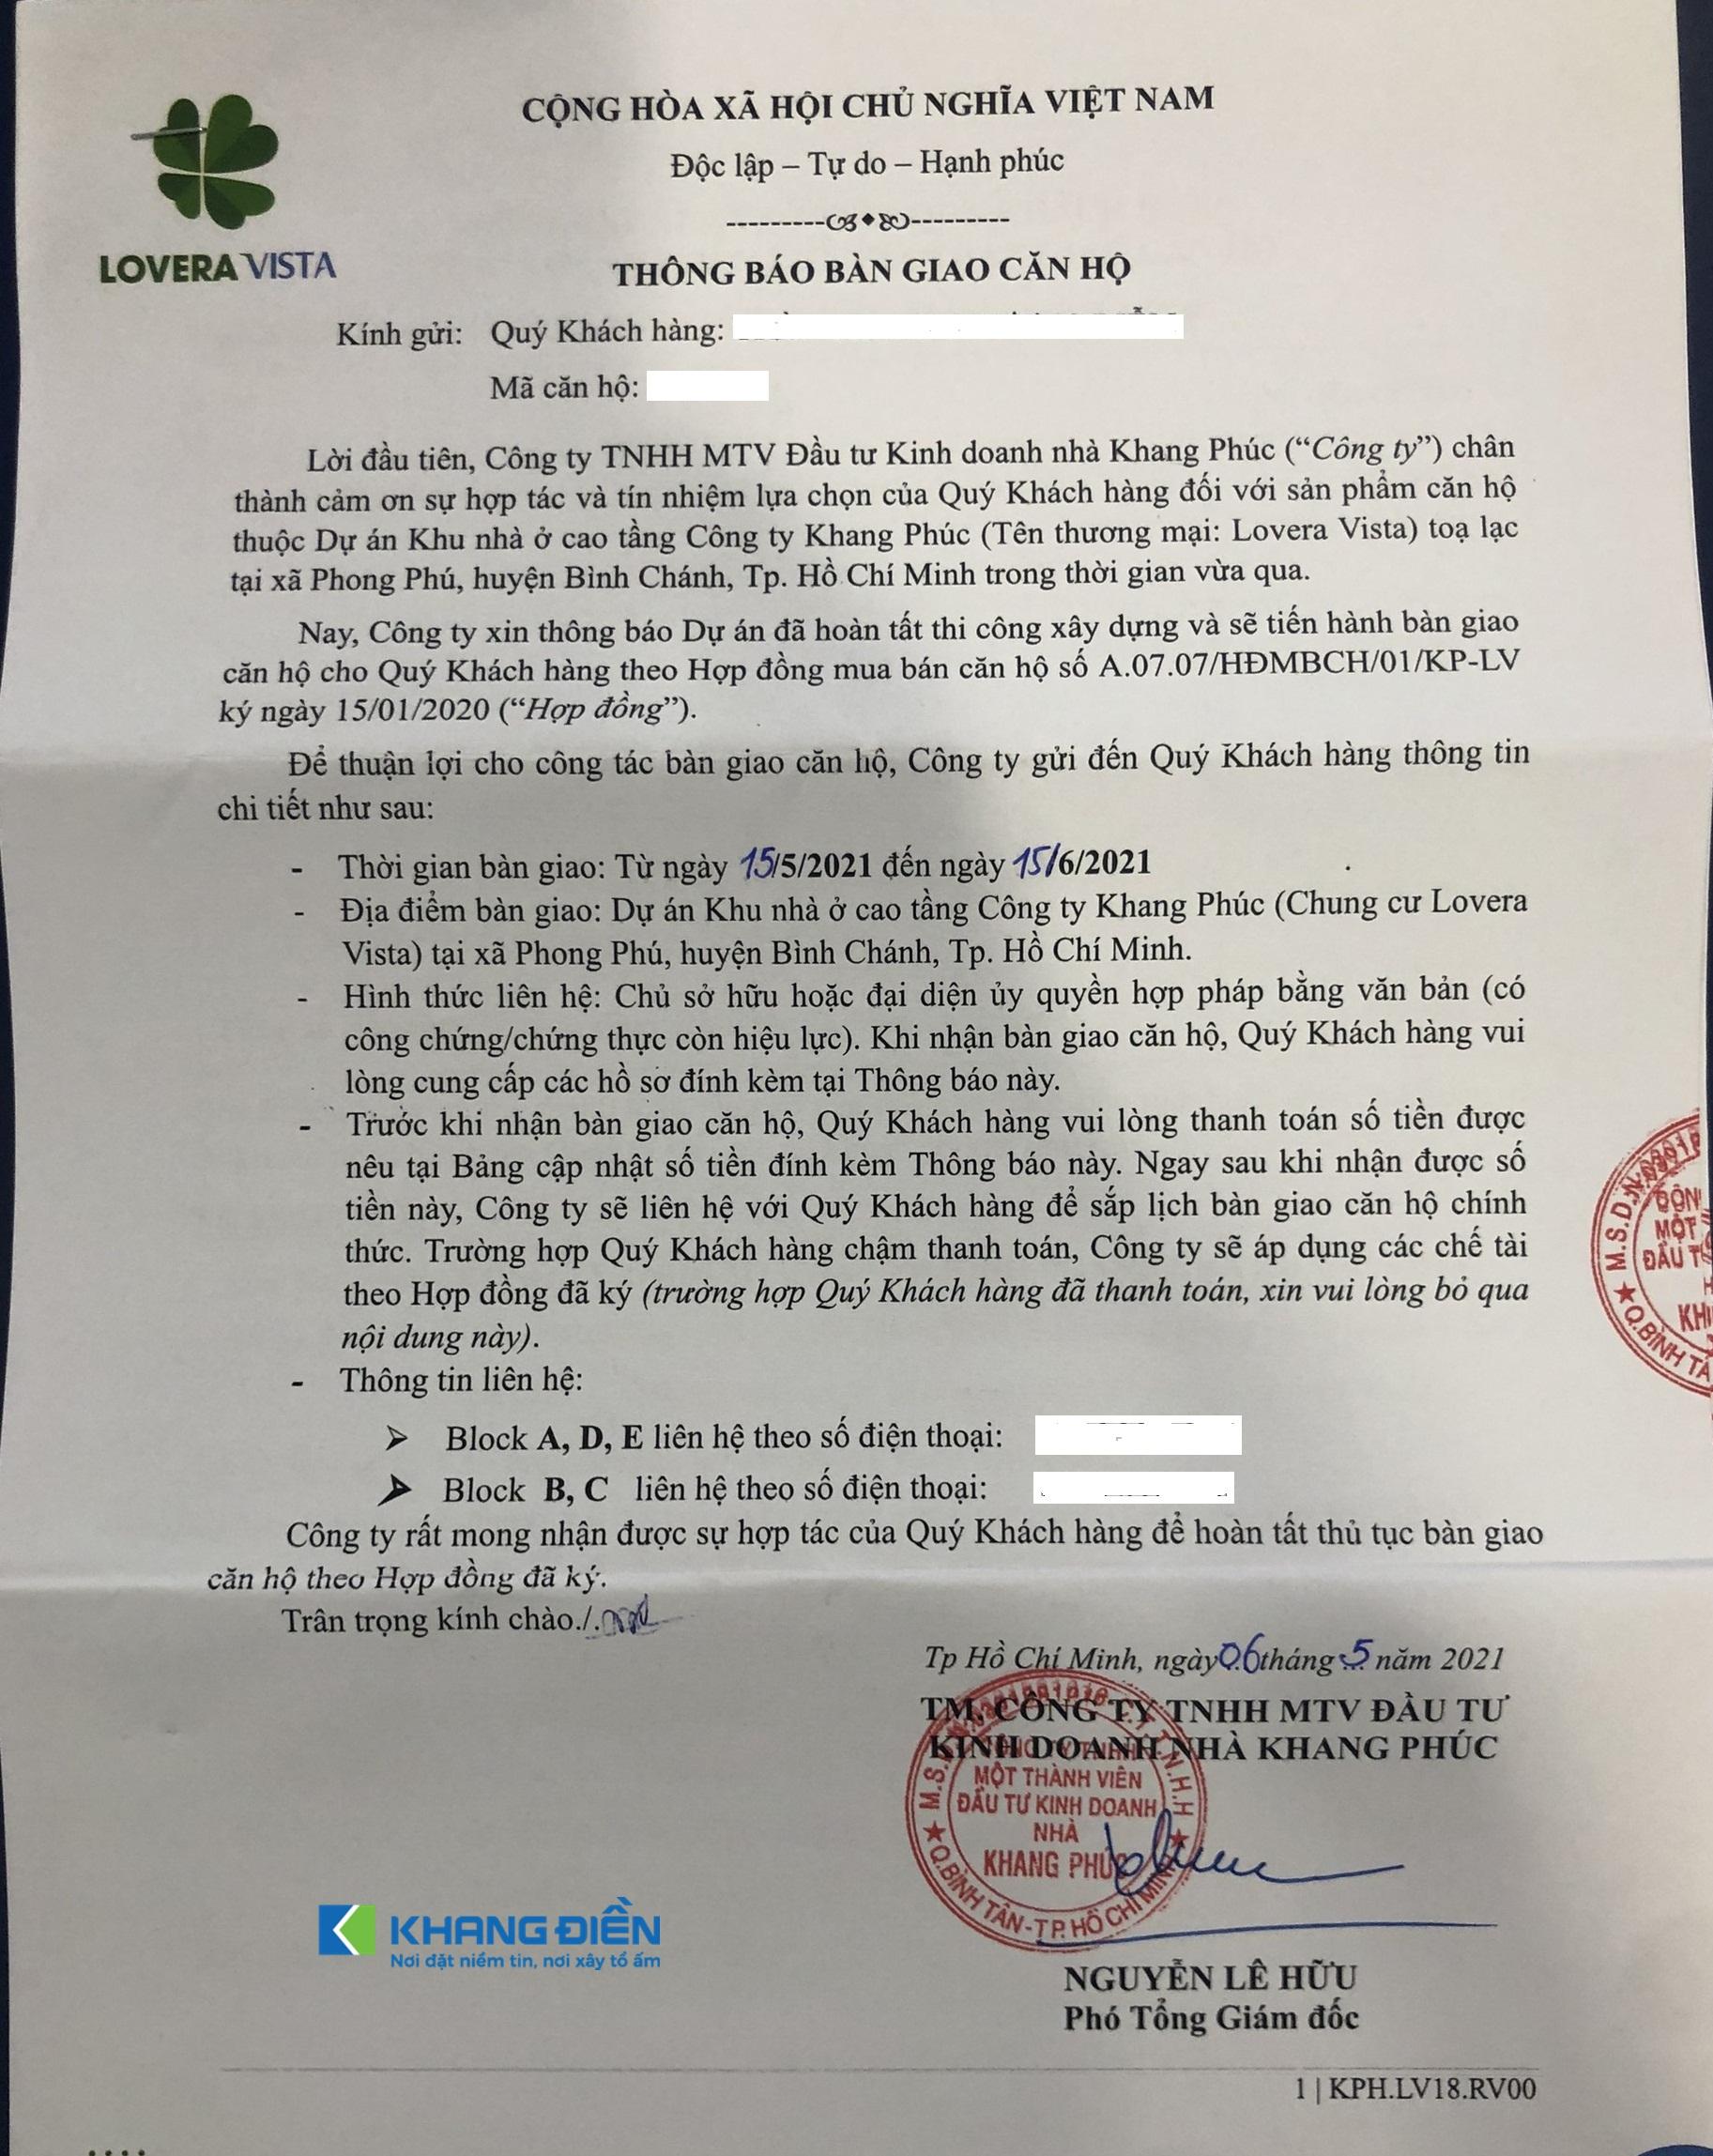 Thông báo bàn giao căn hộ Lovera Vista Khang Điền Bình Chánh được gửi đến Cư dân - Khang Điền HCM